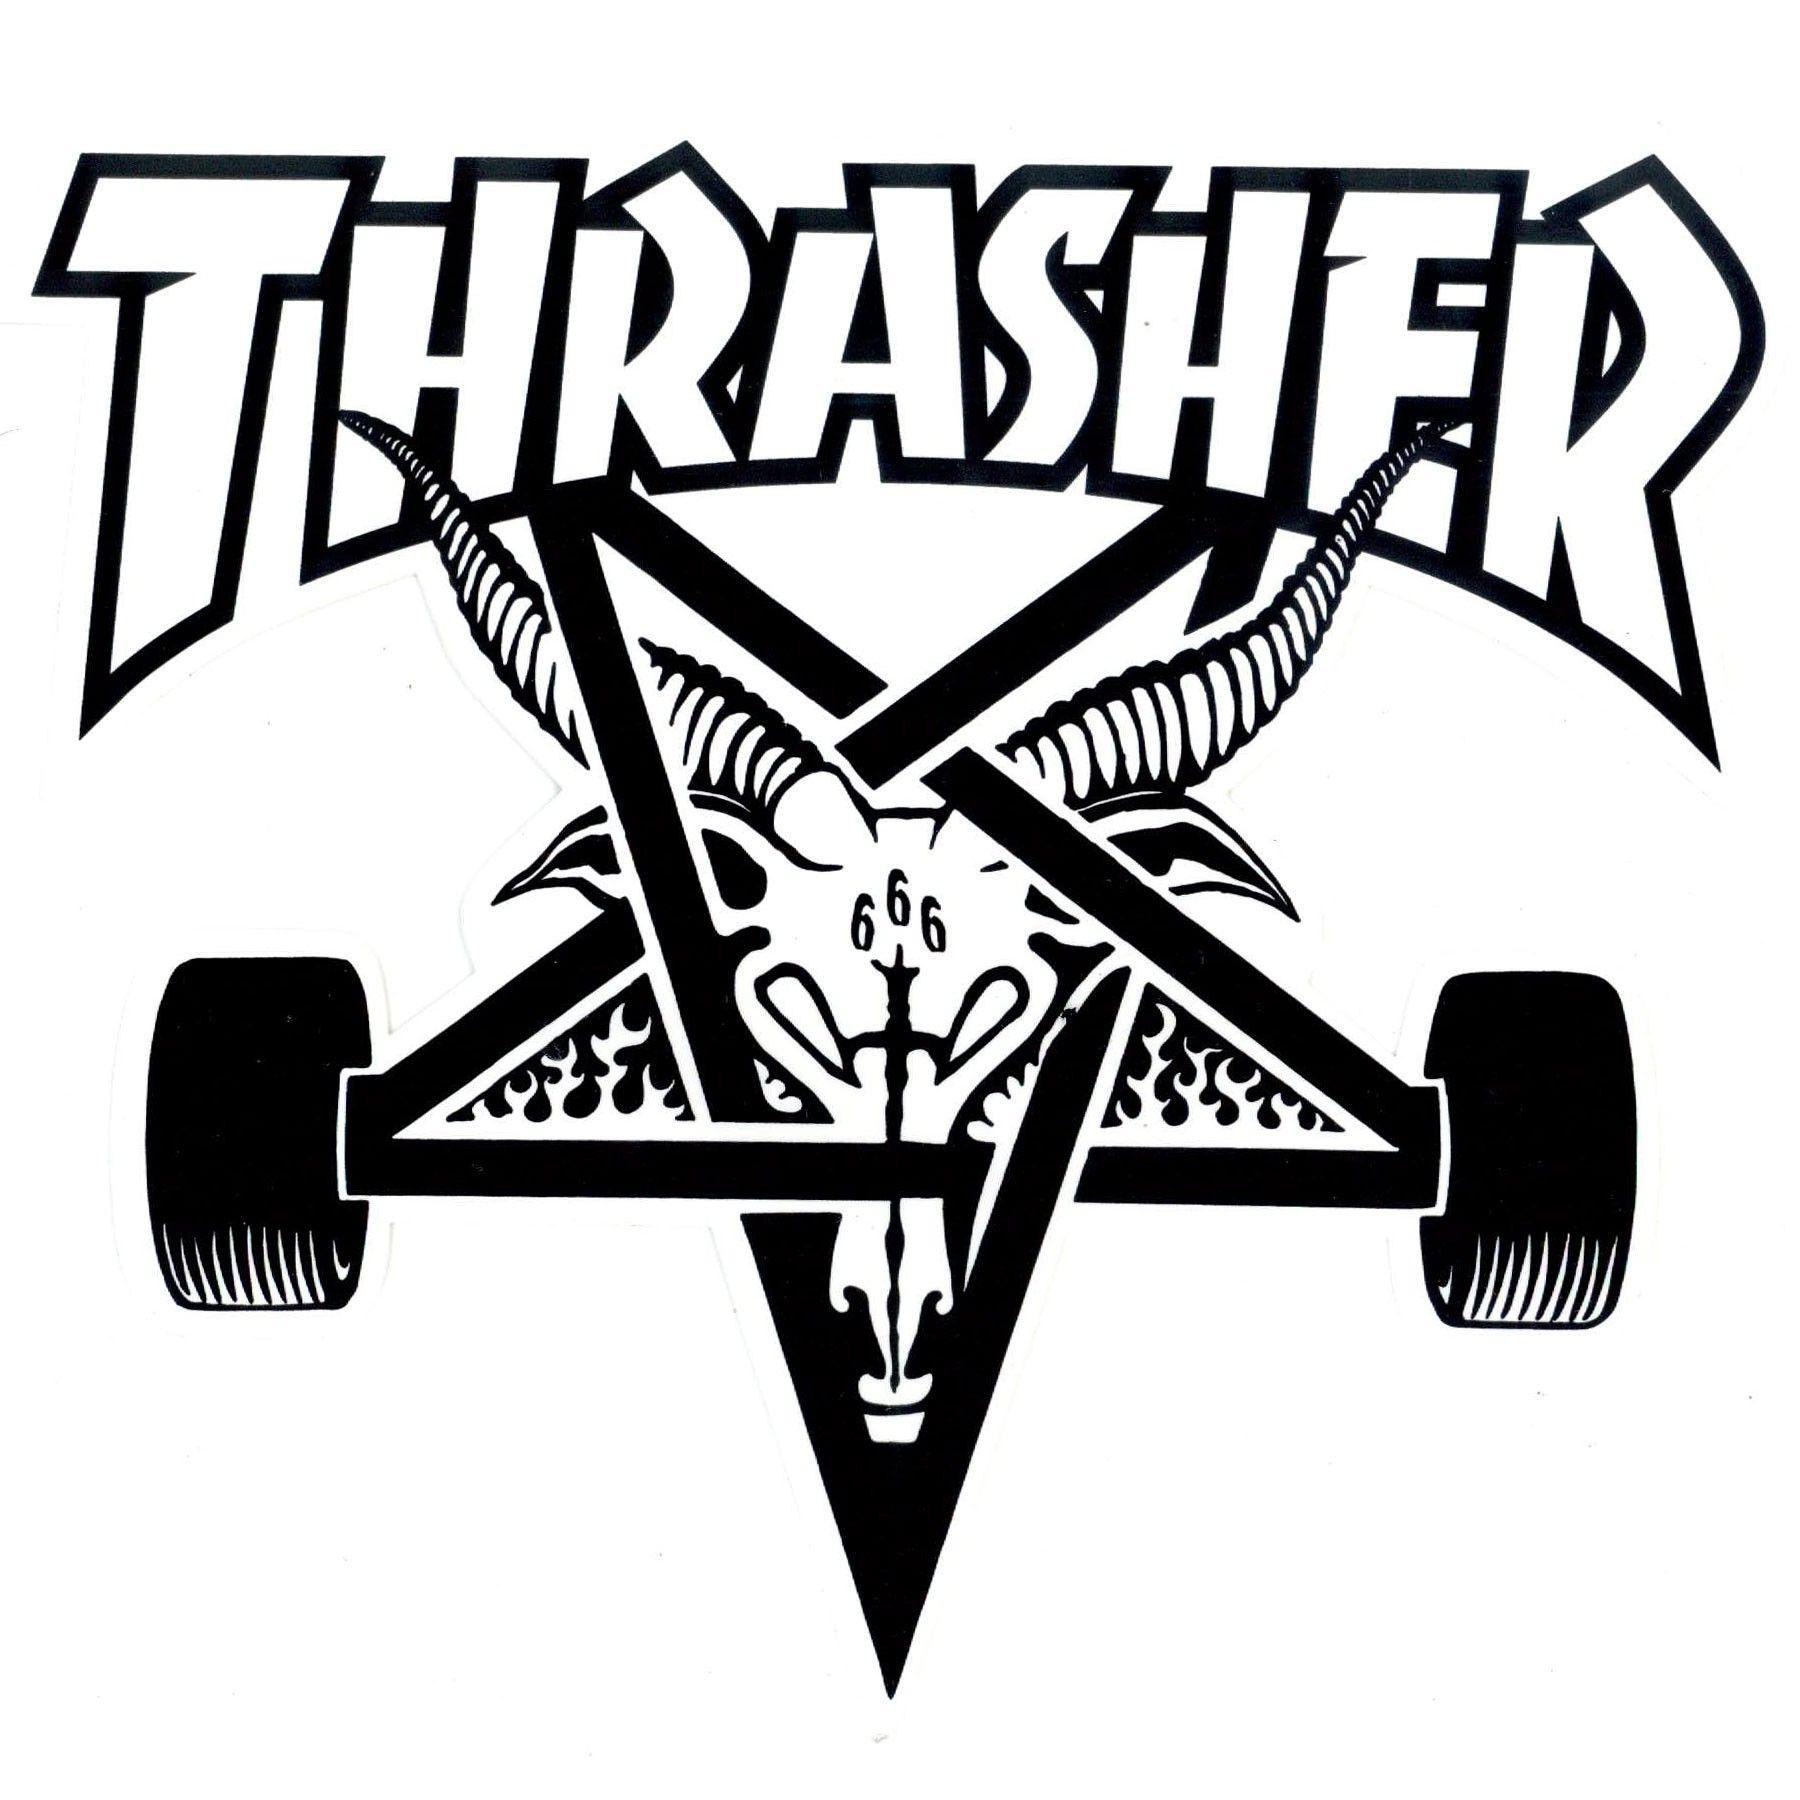 Thrasher Sk8 Goat Large Sticker White 2 Jpg 1800 1800 Goat Logo Skateboard Tattoo Thrasher Skate